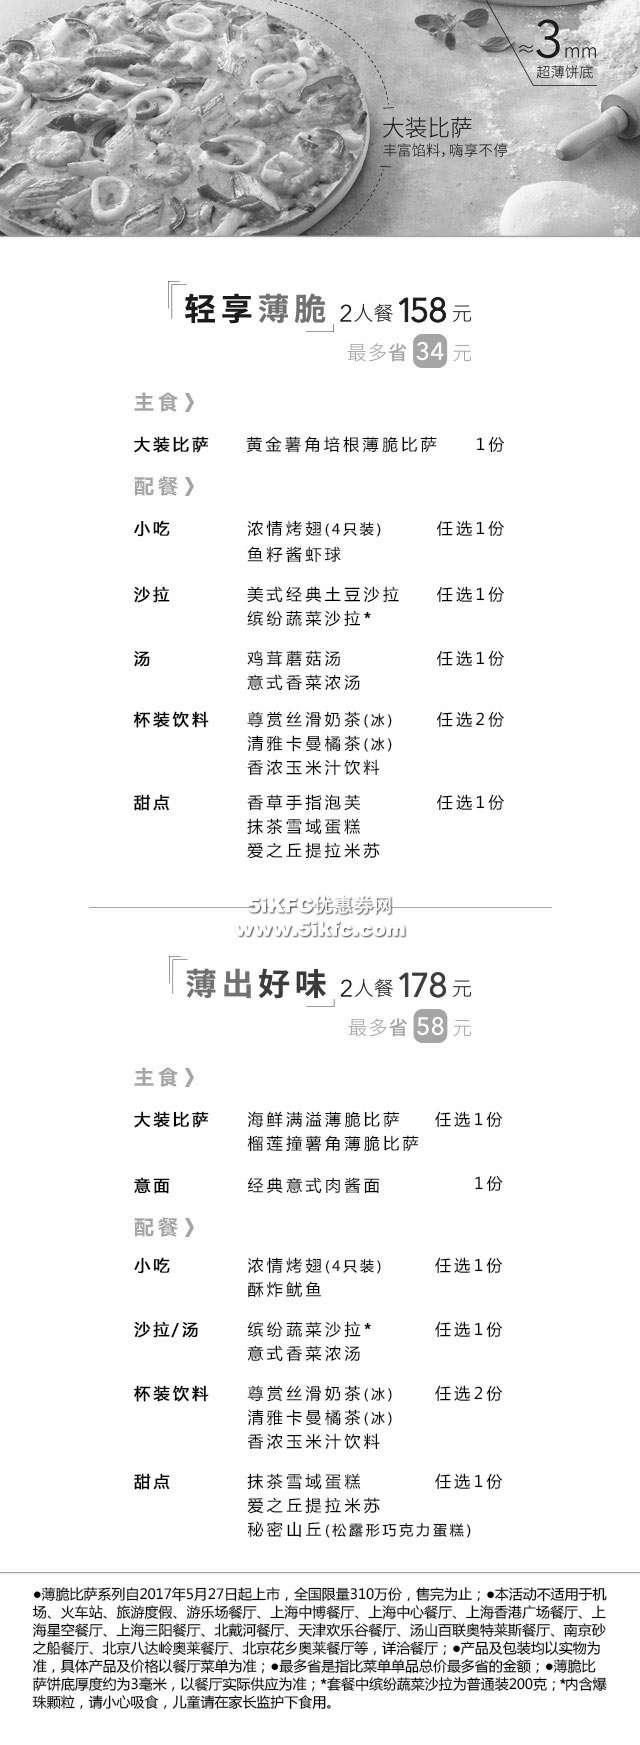 黑白优惠券图片:必胜客薄脆比萨双人套餐优惠价158元起,轻享薄脆、满出好味 - www.5ikfc.com